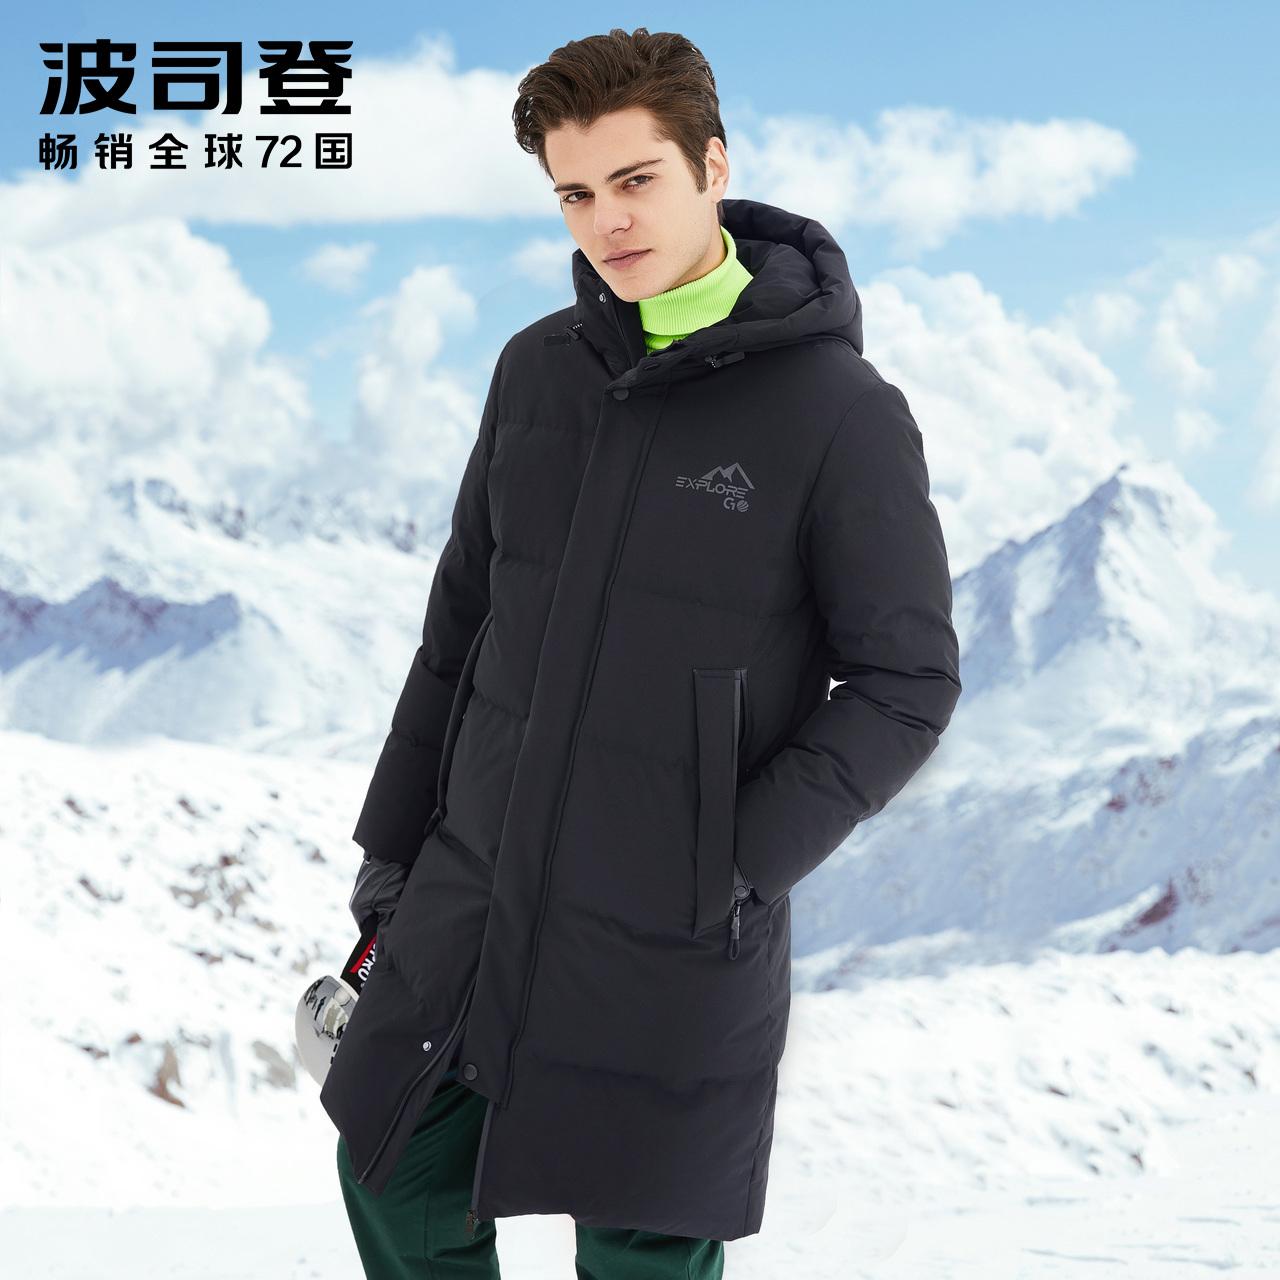 波司登中长款羽绒服男防寒服连帽保暖时尚潮外套冬季B80142537DS